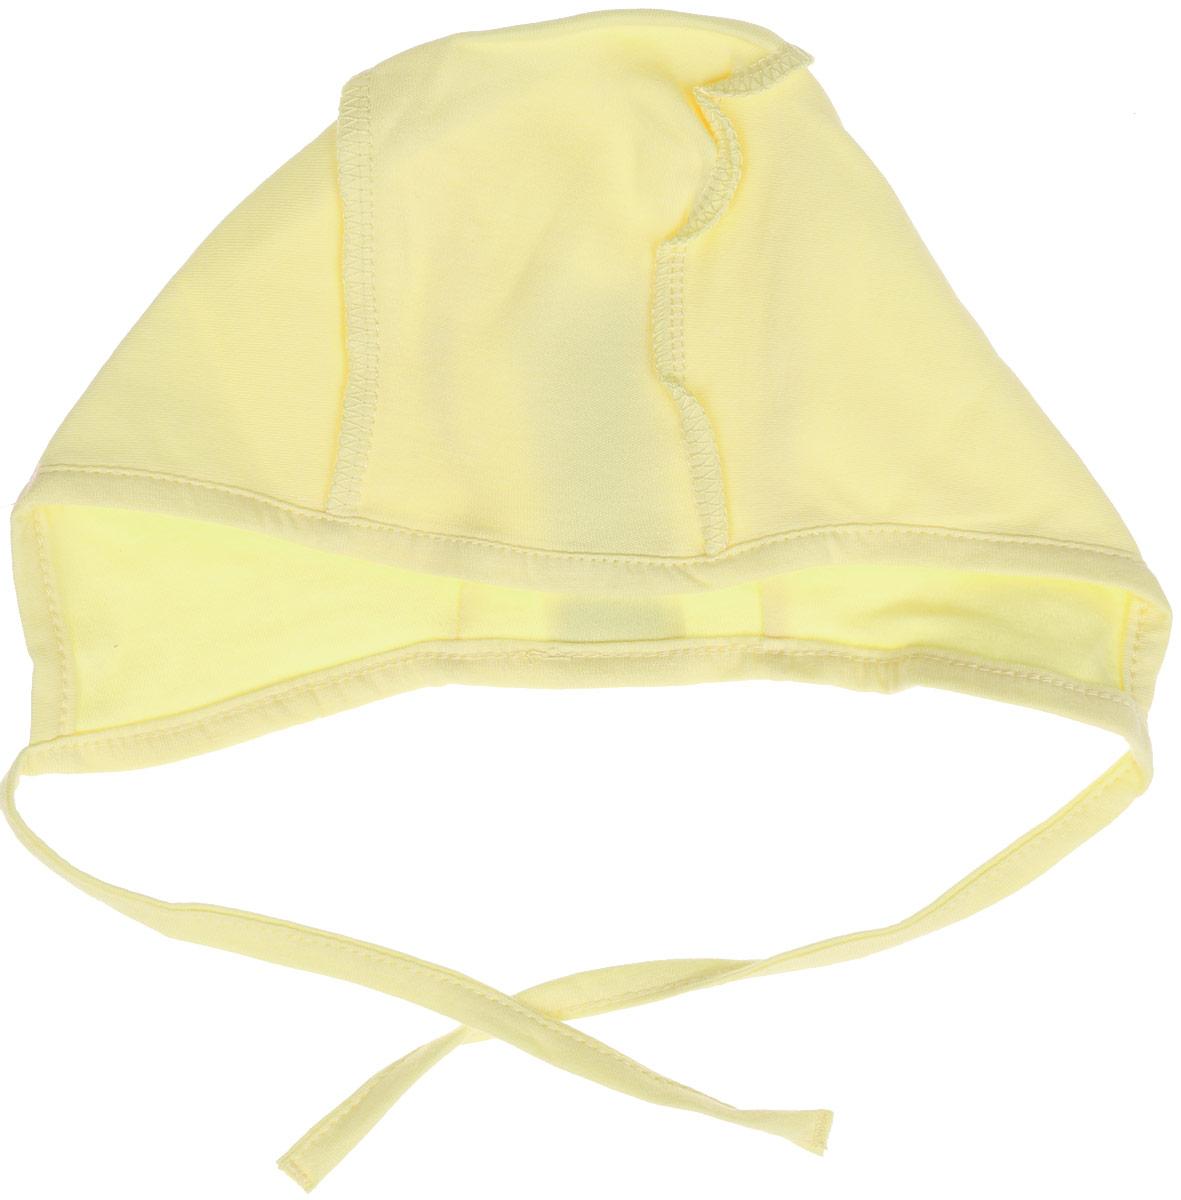 ЧепчикШП202Детский чепчик БЕМБІ изготовлен из натурального хлопка. Швы на изделии выполнены наружу. Края чепчика дополнены мягким текстильным кантом, удобные завязочки хорошо тянутся. Уважаемые клиенты! Размер, доступный для заказа, является обхватом головы.